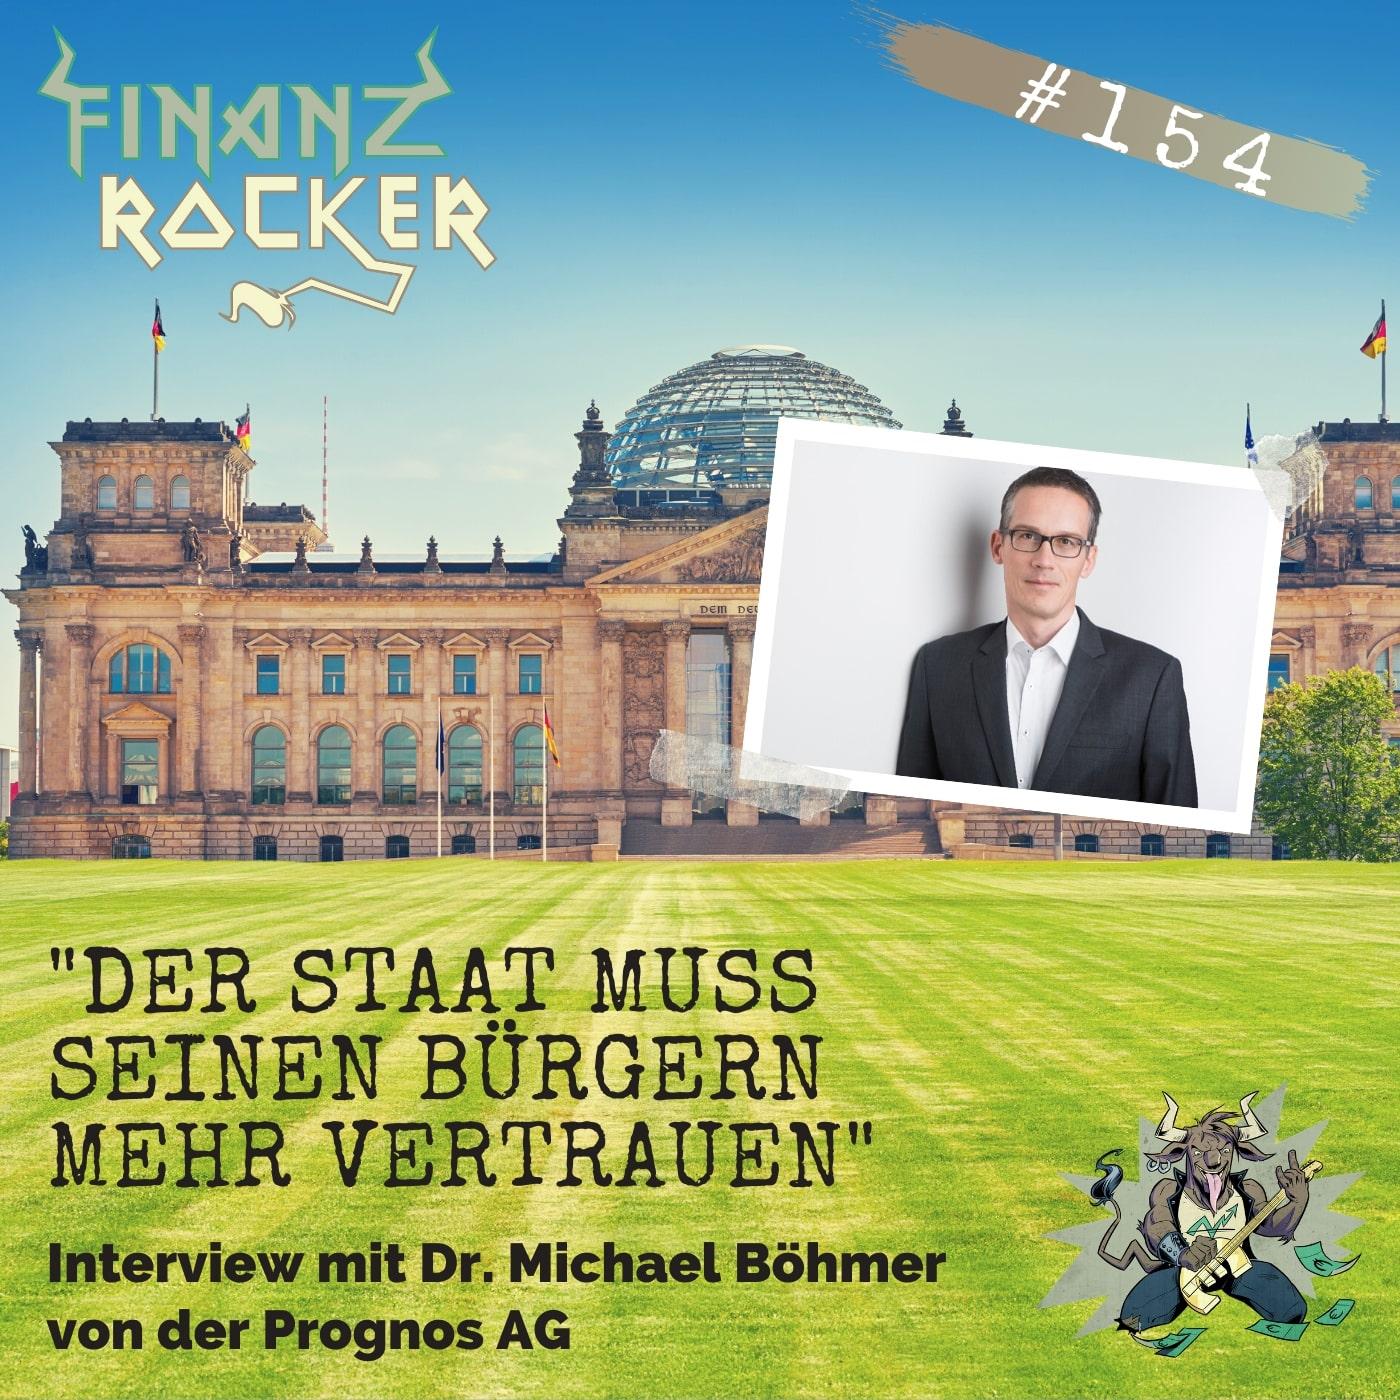 """Folge 154: """"Der Staat muss seinen Bürgern mehr vertrauen"""" - Interview mit Dr. Michael Böhmer von der Prognos AG"""